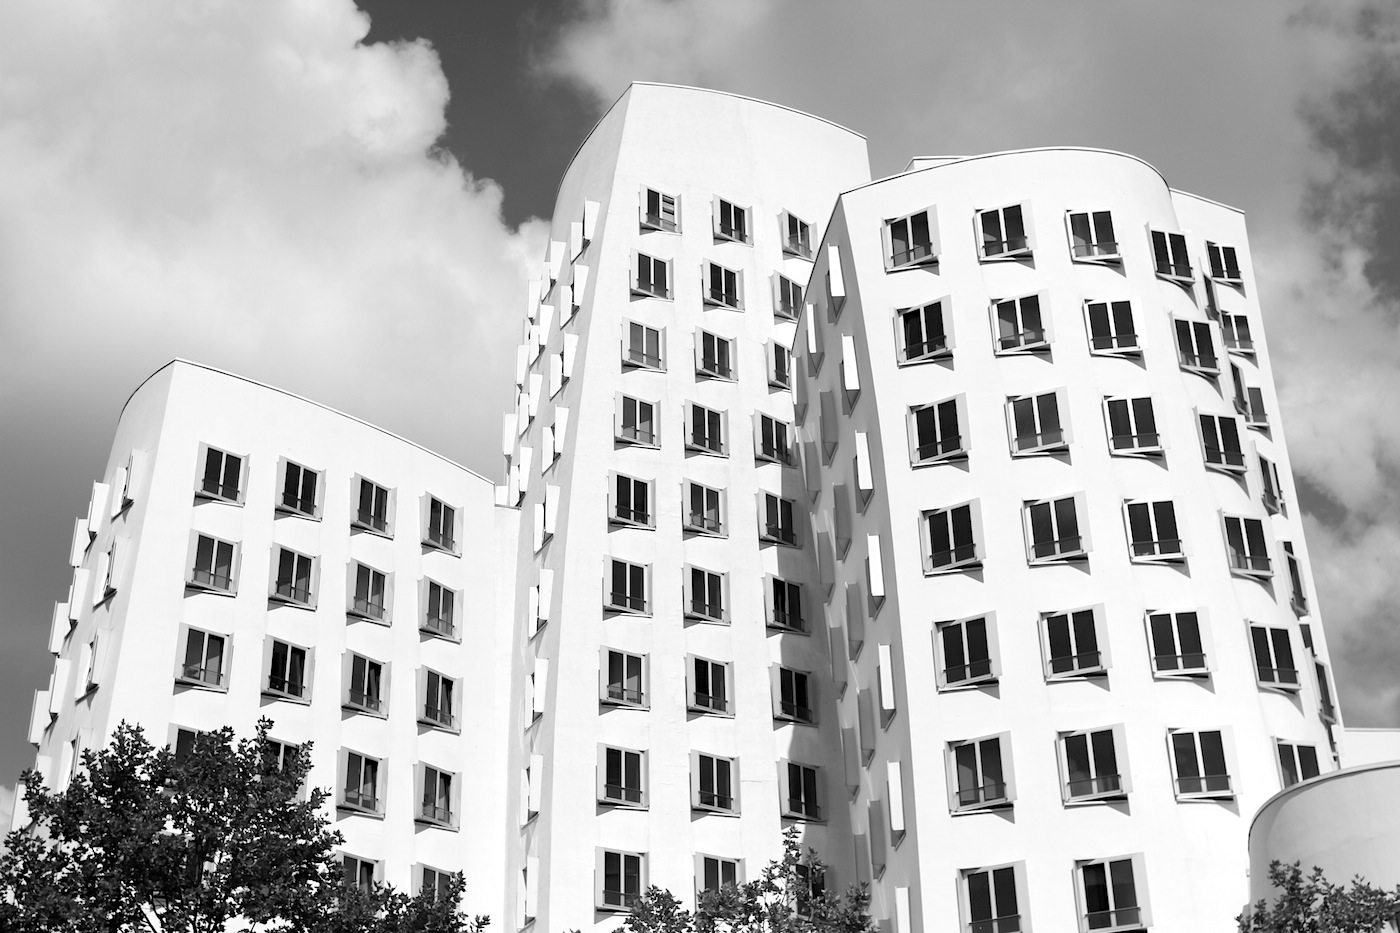 """Neuer Zollhof 1–3. Ende der 1980er wurde der """"Alte Zollhof"""" abgerissen, so dass Vorlauf, Entwicklung und Erschließung bis hin zur Eröffnung des Neuen Zollhofes ein Jahrzehnt dauerte."""